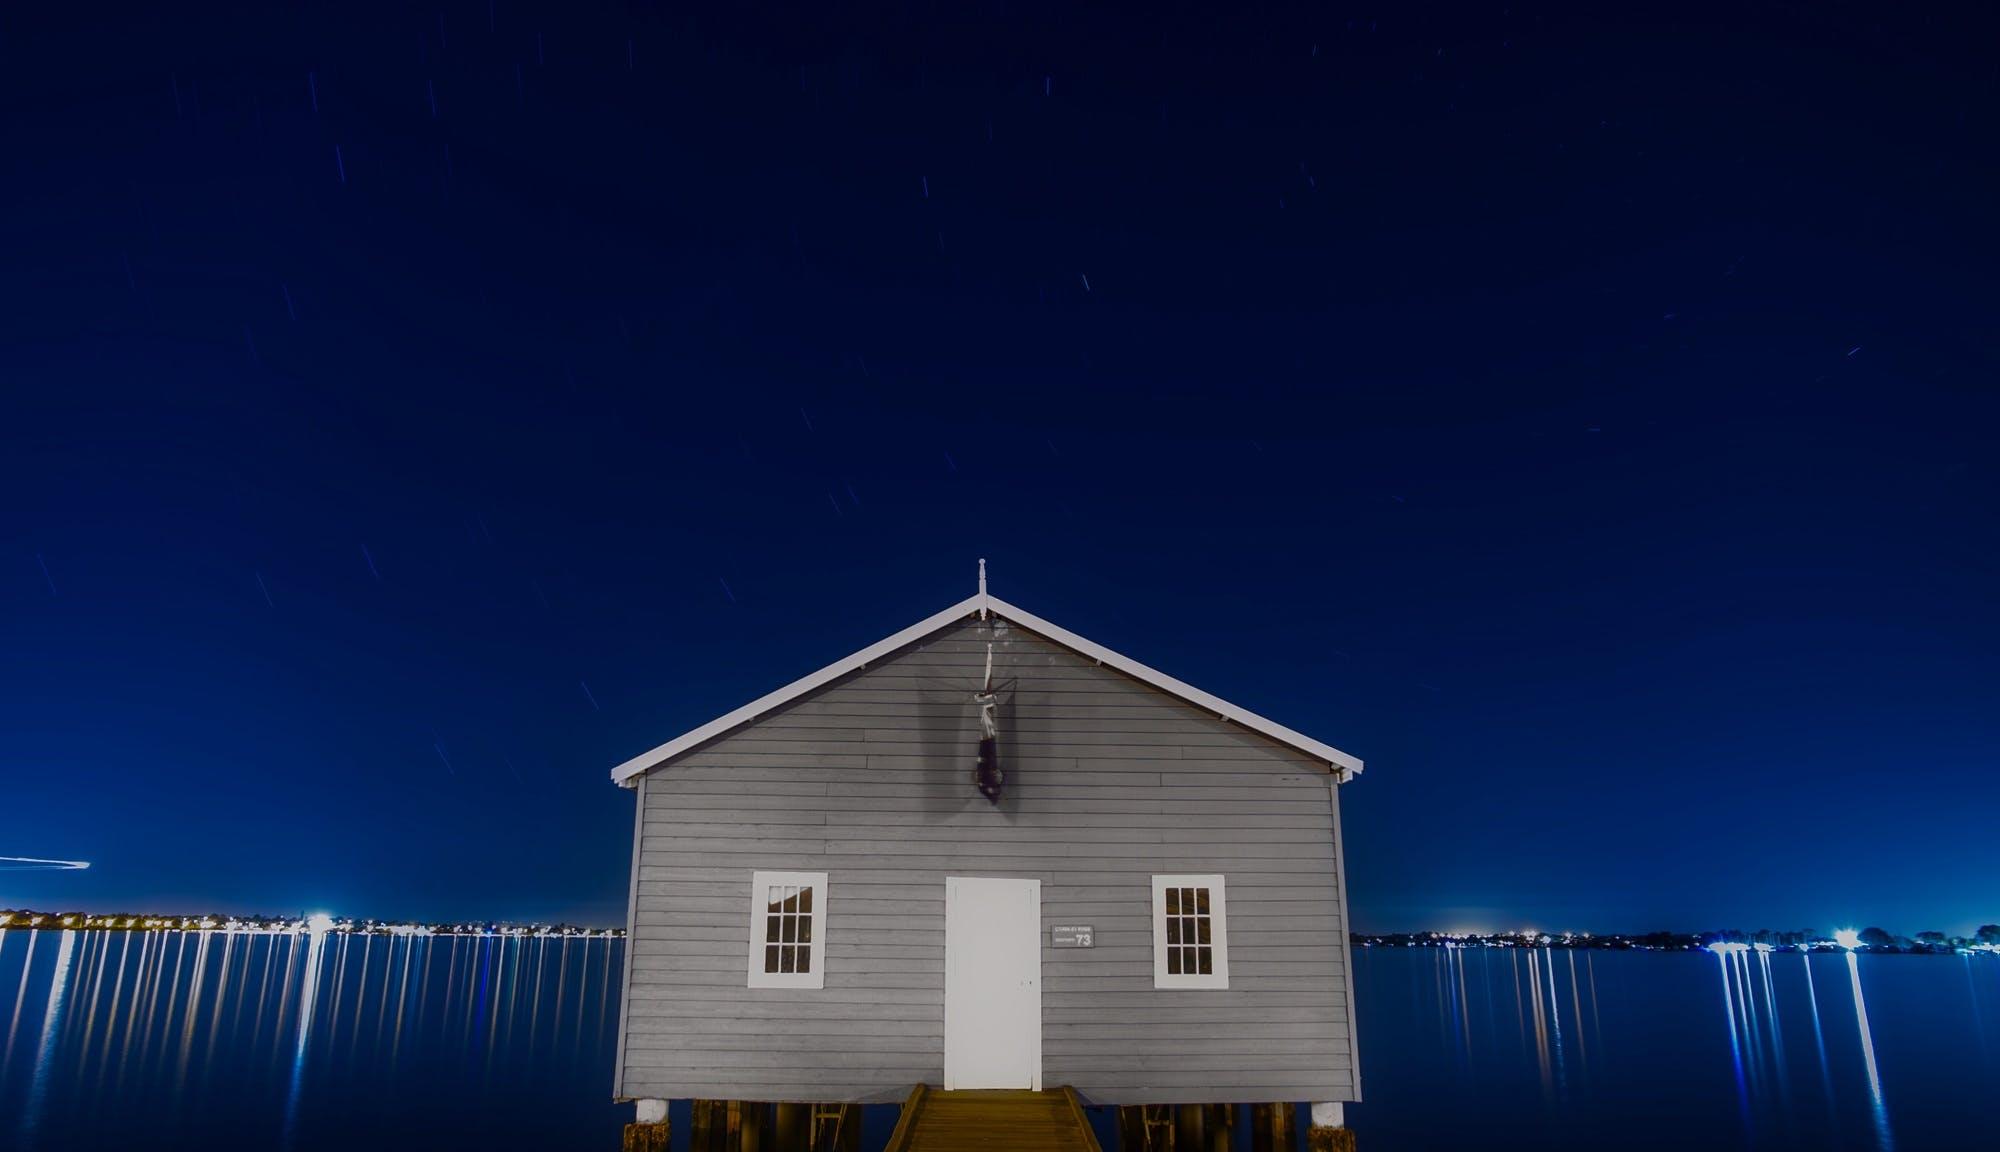 Kostenloses Stock Foto zu abend, architektur, beleuchtung, himmel